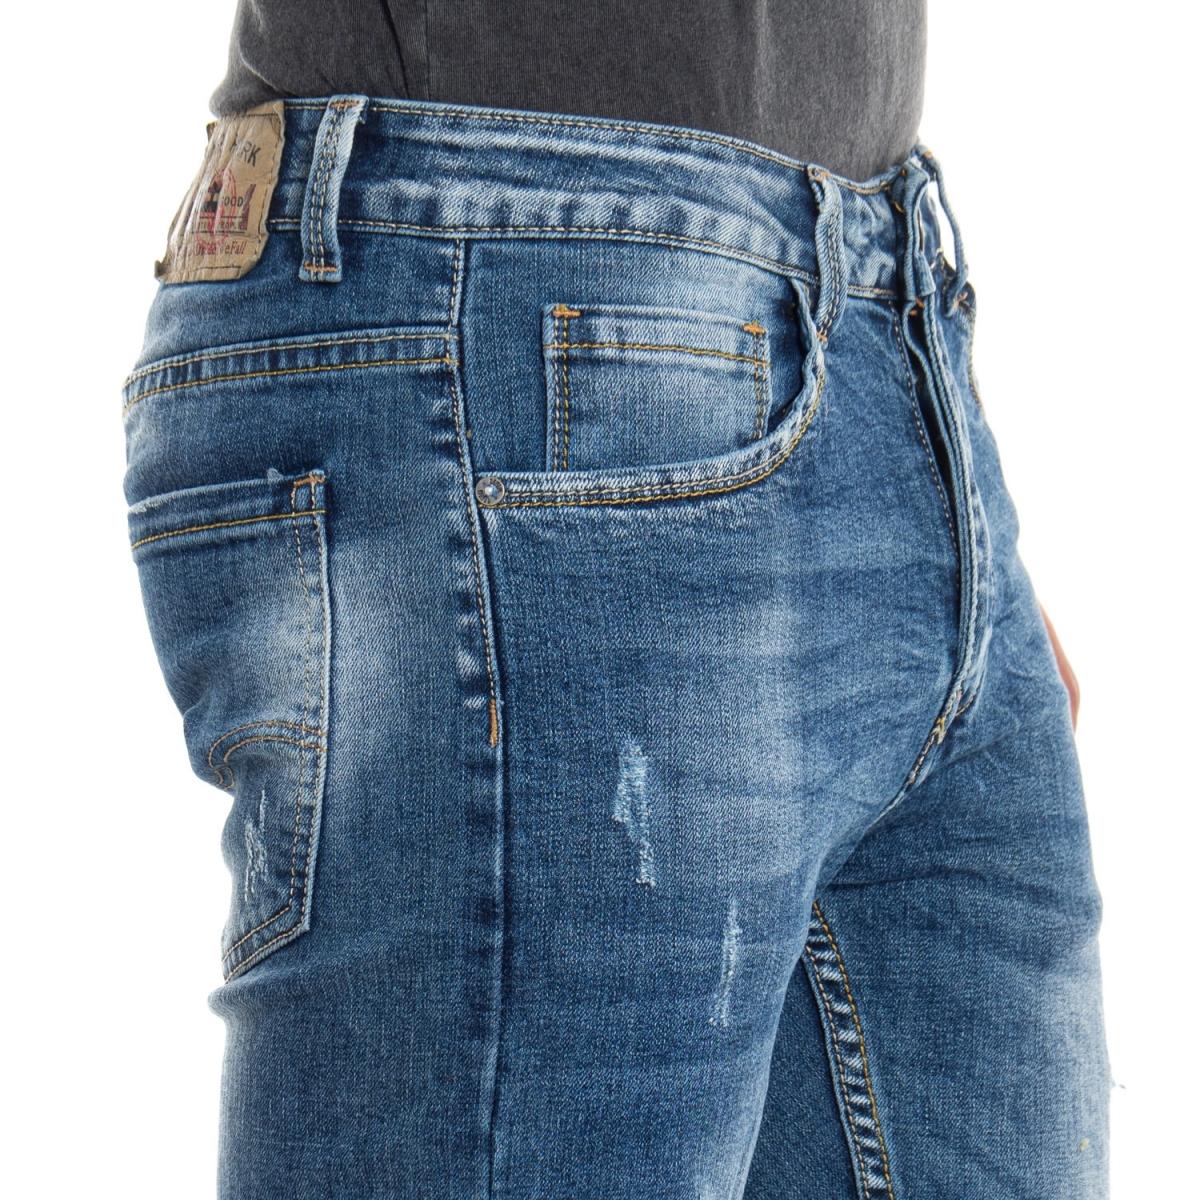 Kleidung Jeans mann Jeans LPHM1049P LANDEK PARK Cafedelmar Shop